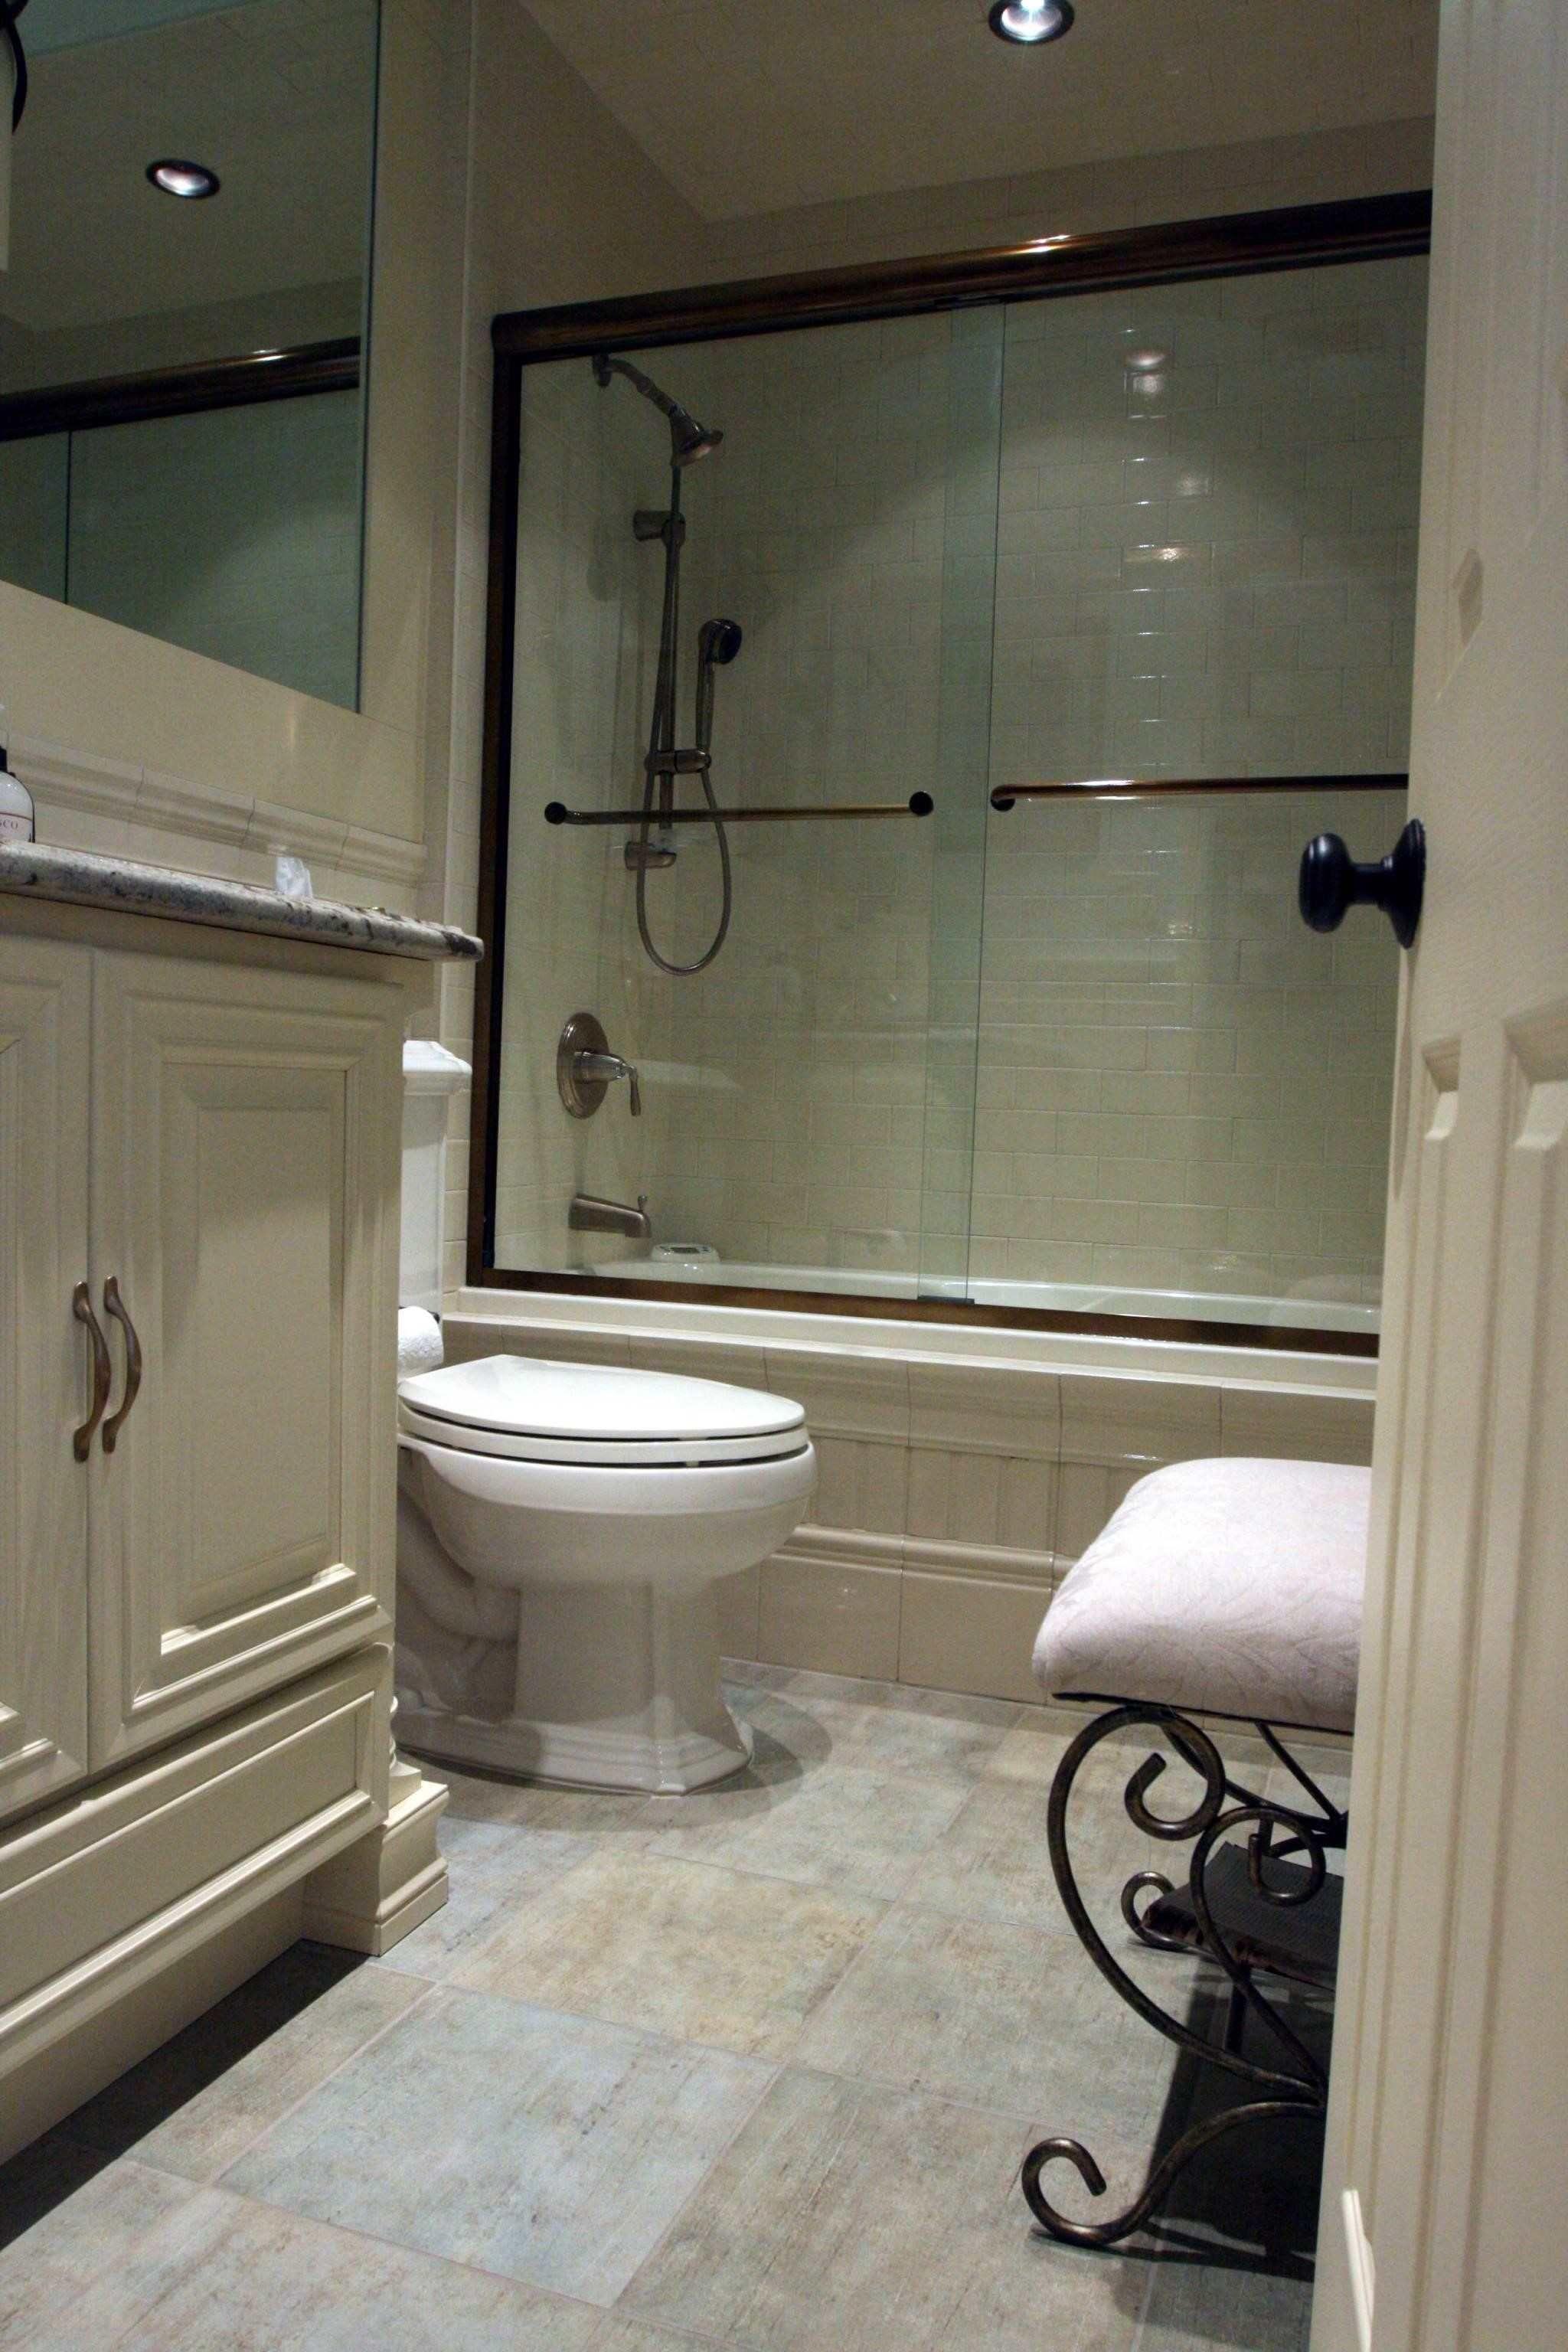 Badezimmer Renovierungen Für Kleine Bäder   Dieser Quadratmeter große Badezimmer bietet eine ...